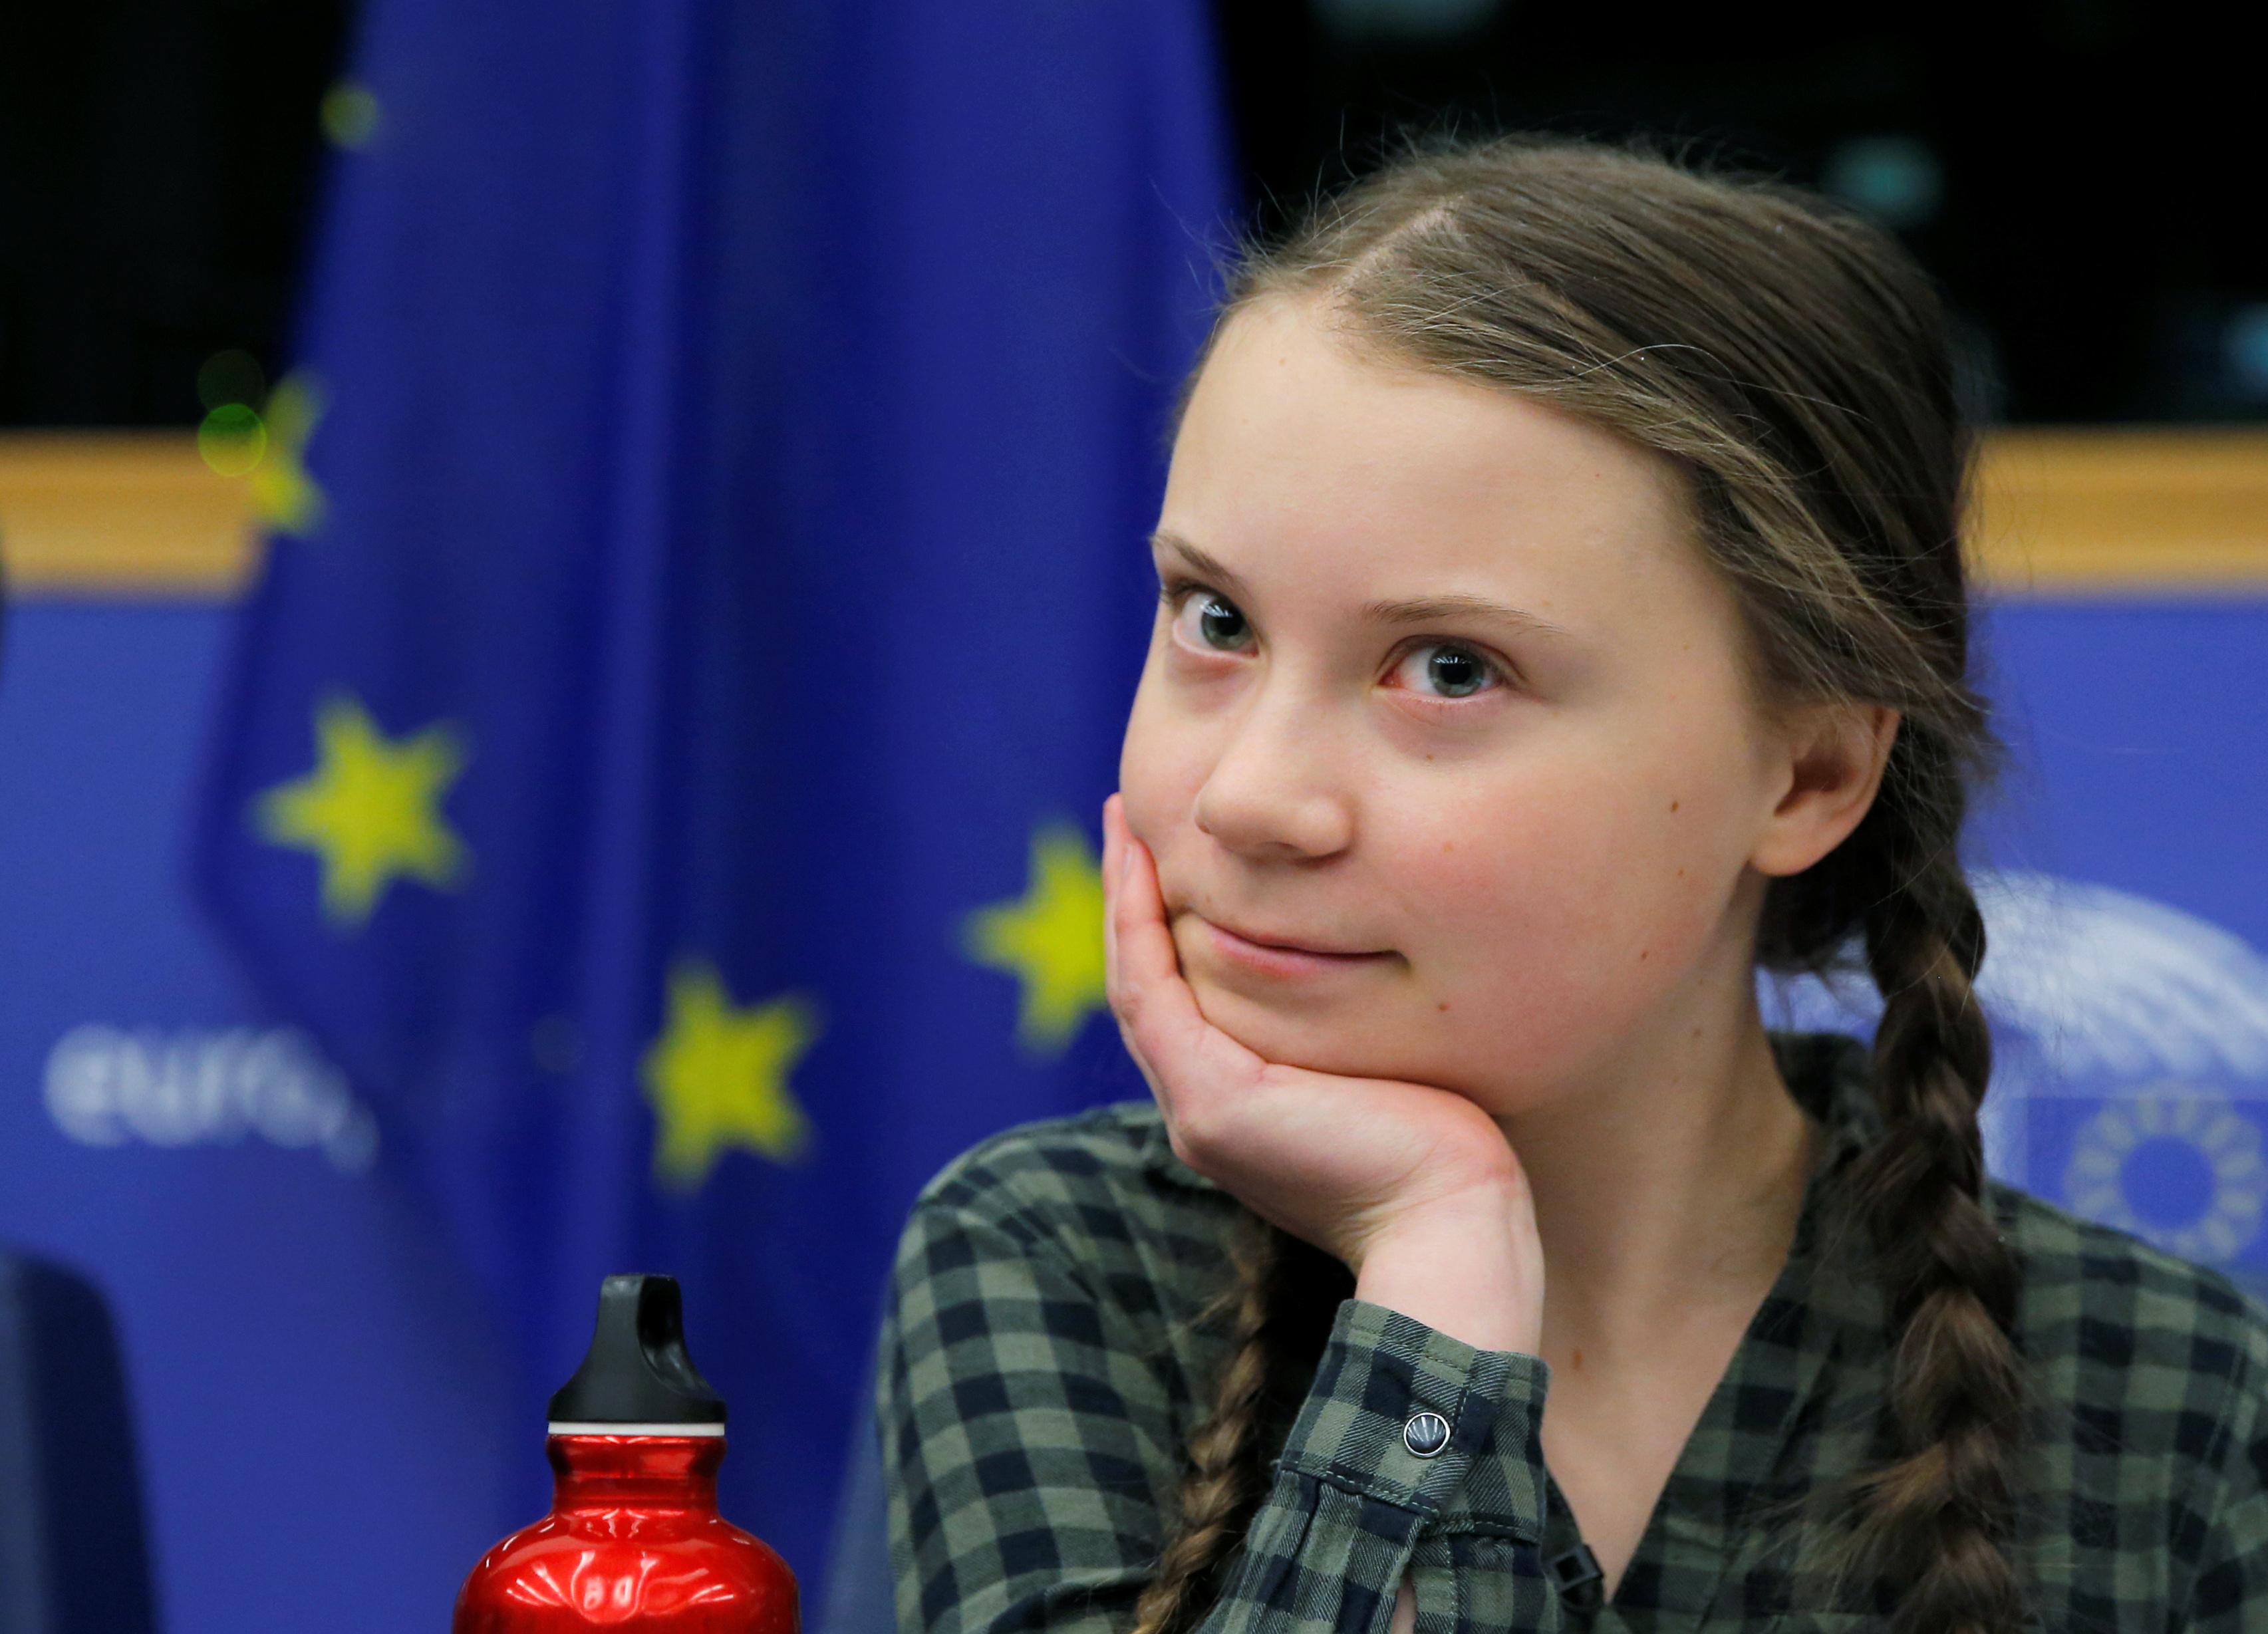 الطفلة السويدية جريتا ثانبيرج داخل البرلمان الأوروبى (14)